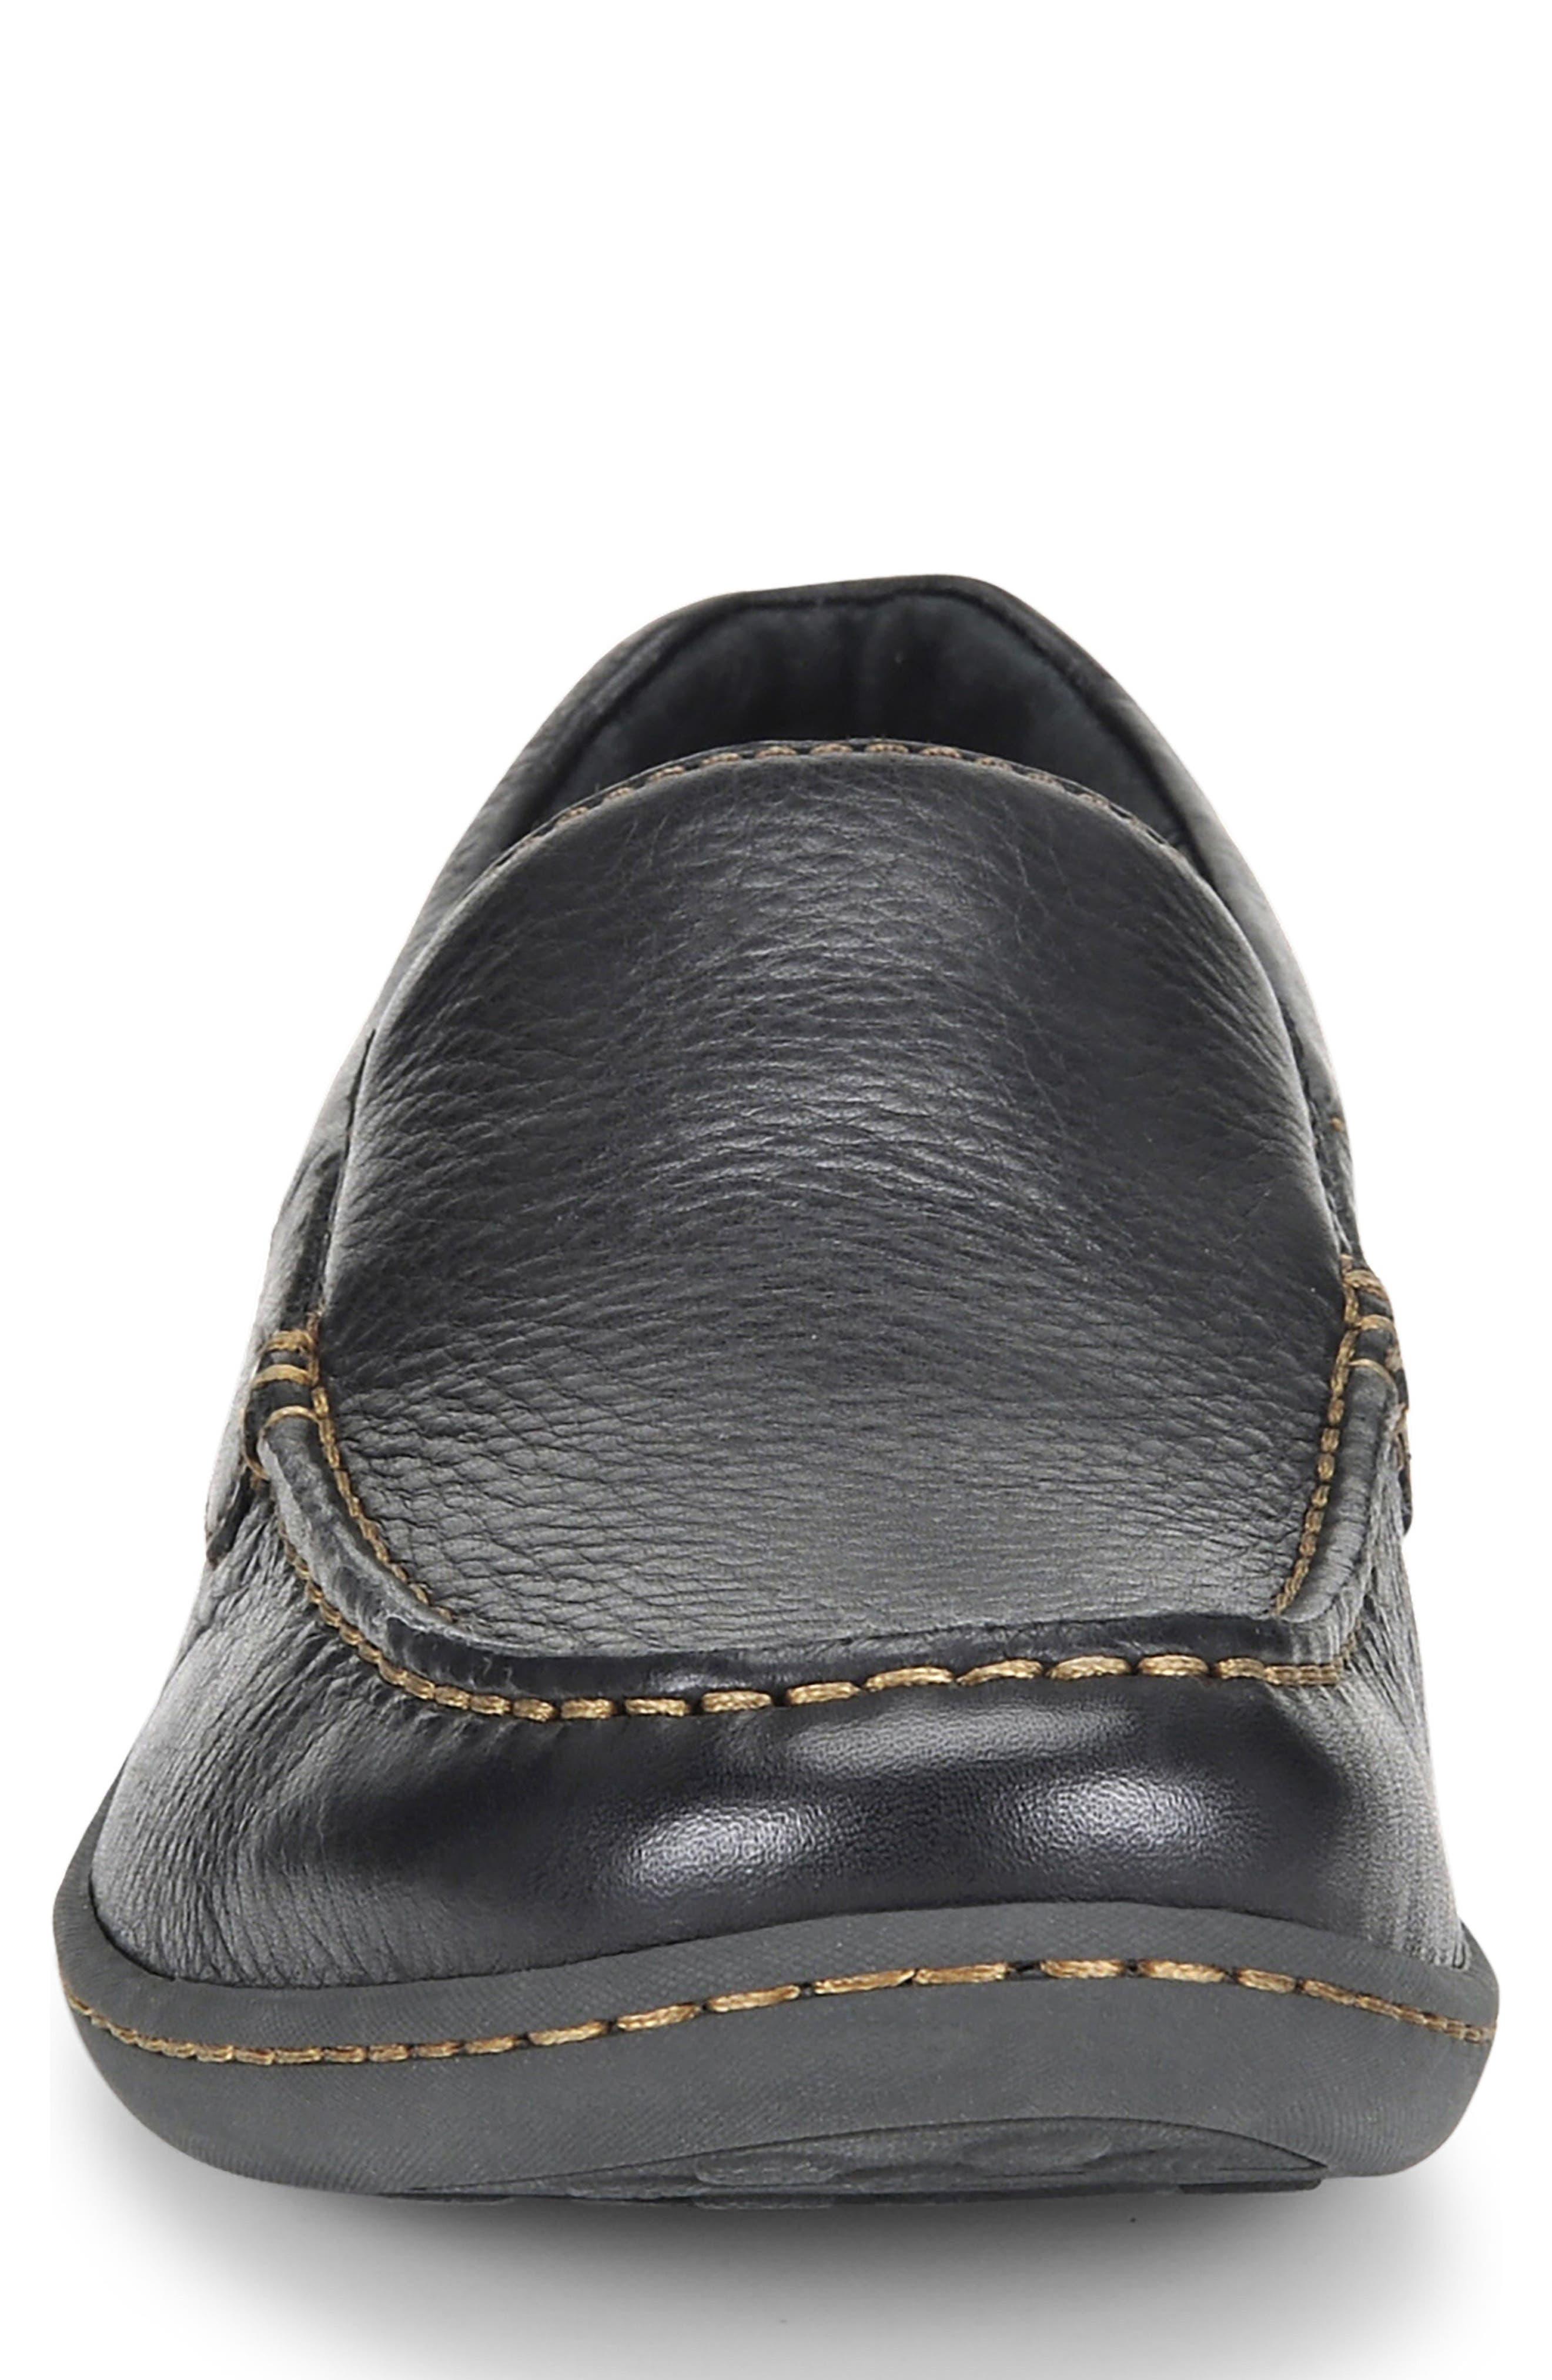 BØRN,                             Brompton Loafer,                             Alternate thumbnail 4, color,                             BLACK LEATHER